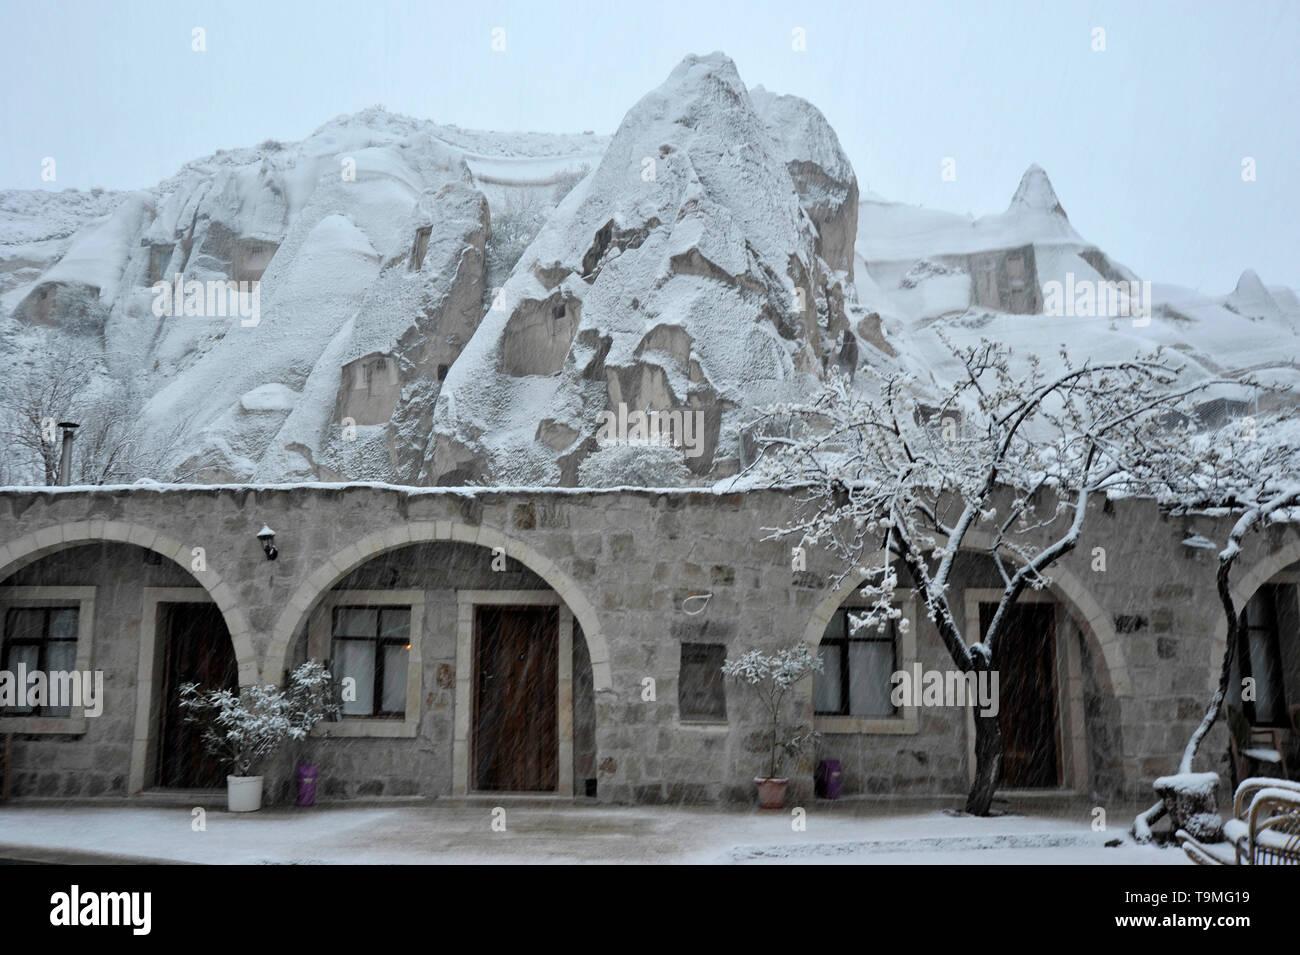 Insolito in pietra naturale con formazioni di neve a Goreme nella regione della Cappadocia della Turchia Immagini Stock